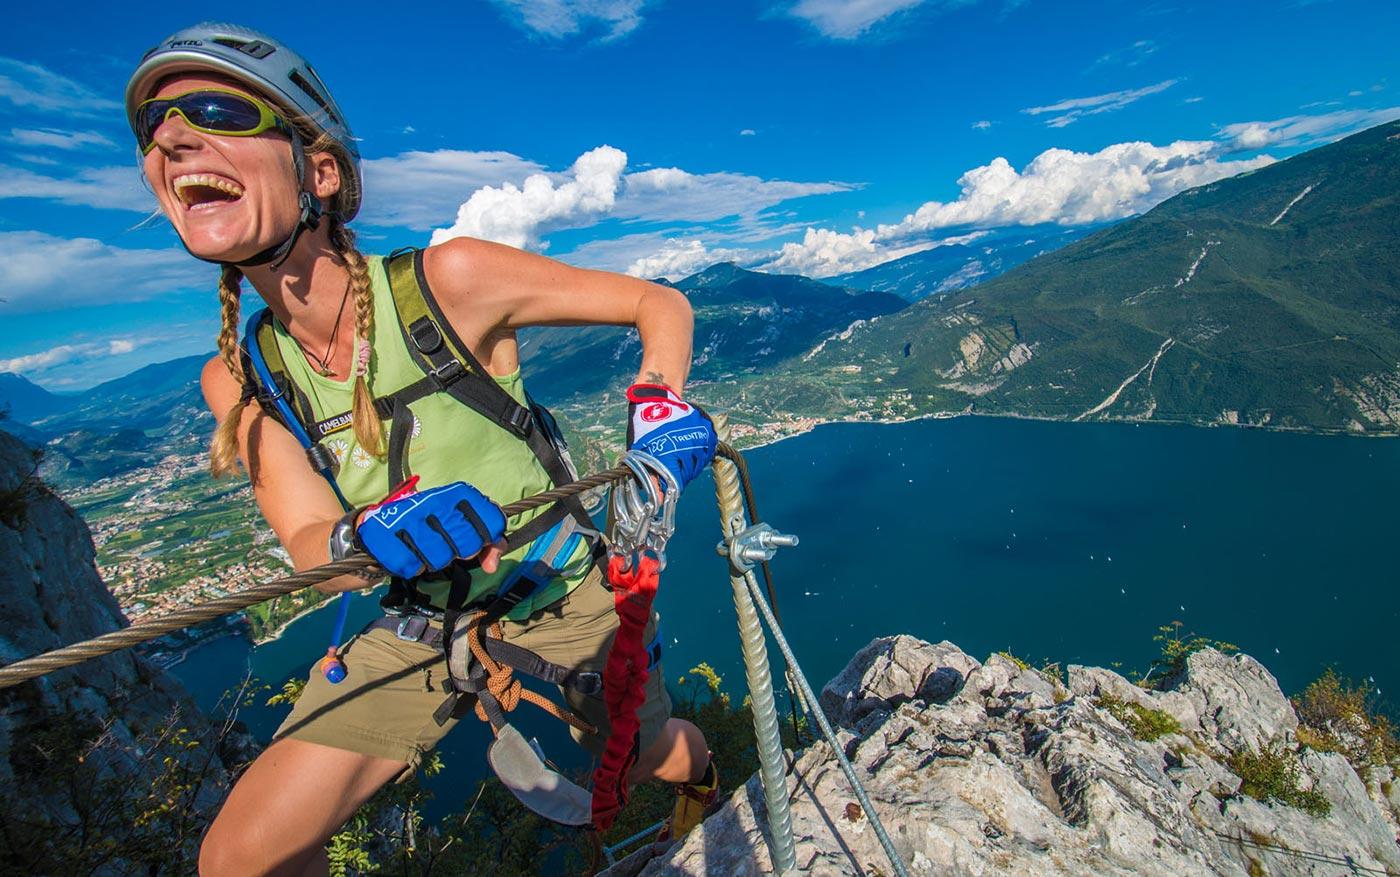 Klettersteig Cima Capi : Klettersteig auf der cima capi am gardasee mit den bergführern aus arco